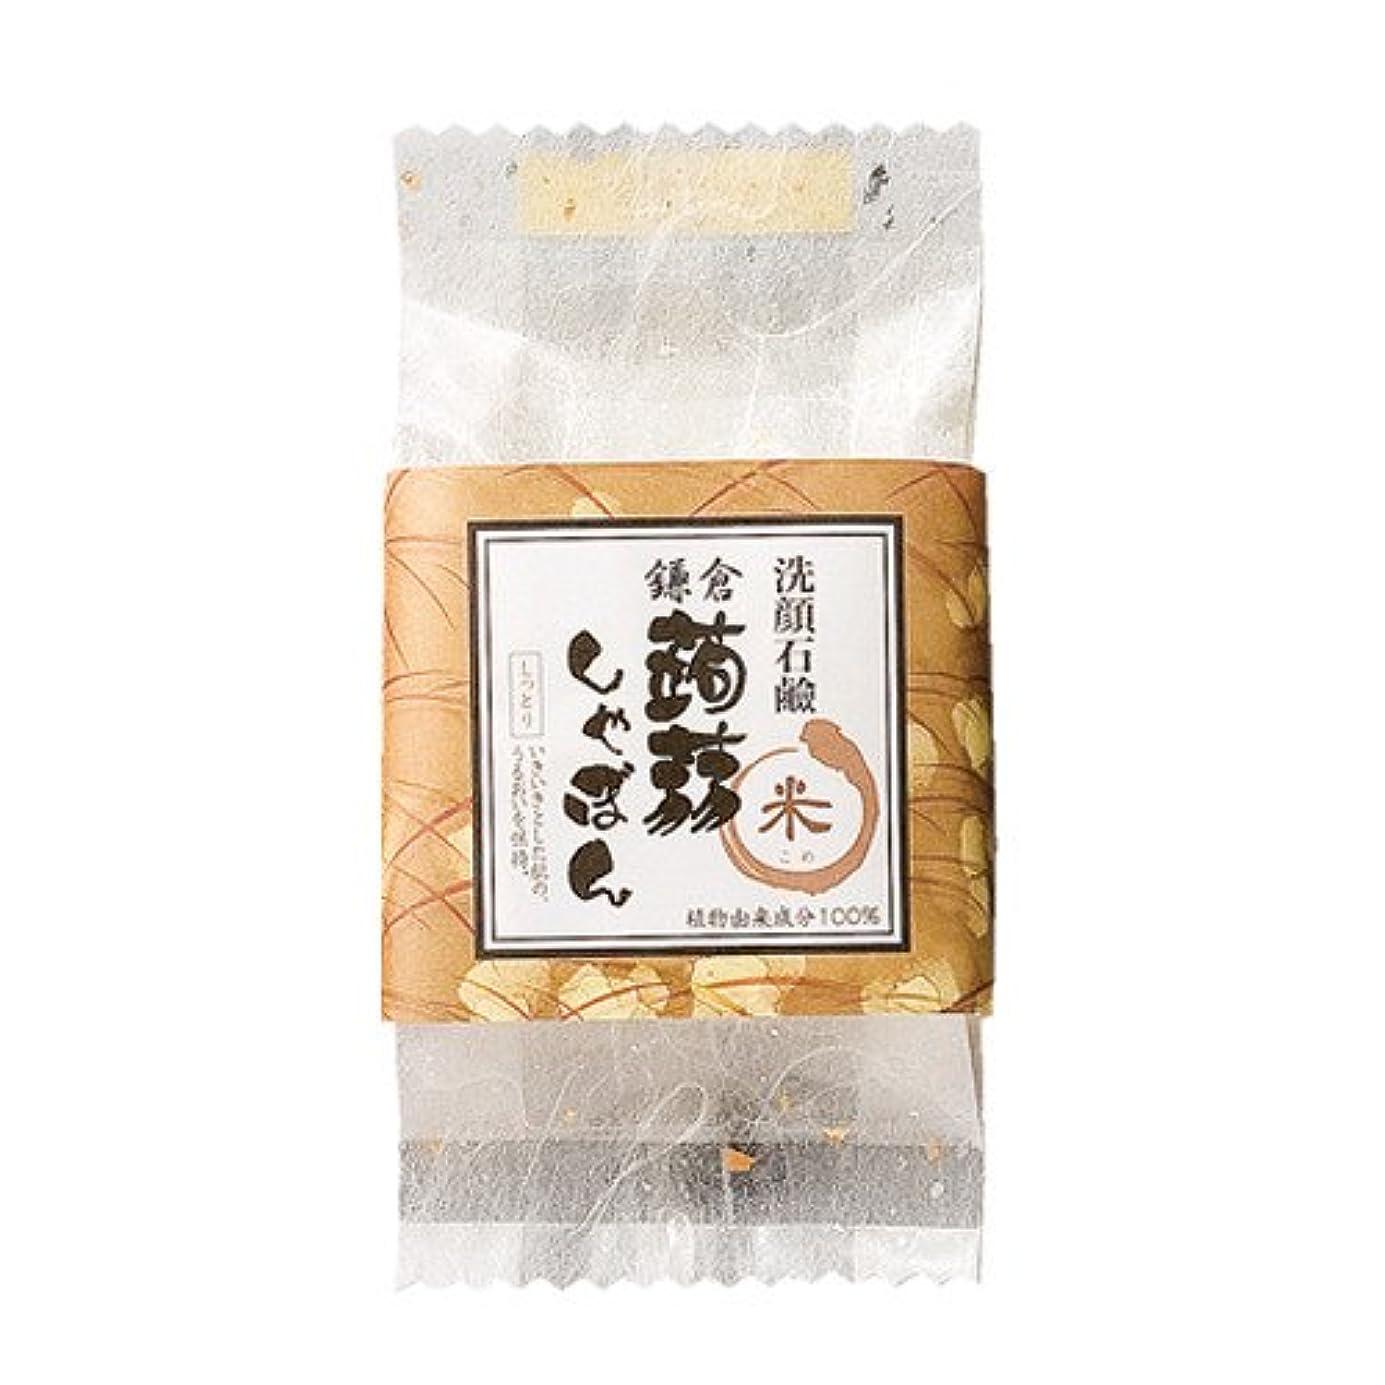 州内部対応鎌倉 蒟蒻しゃぼん 米